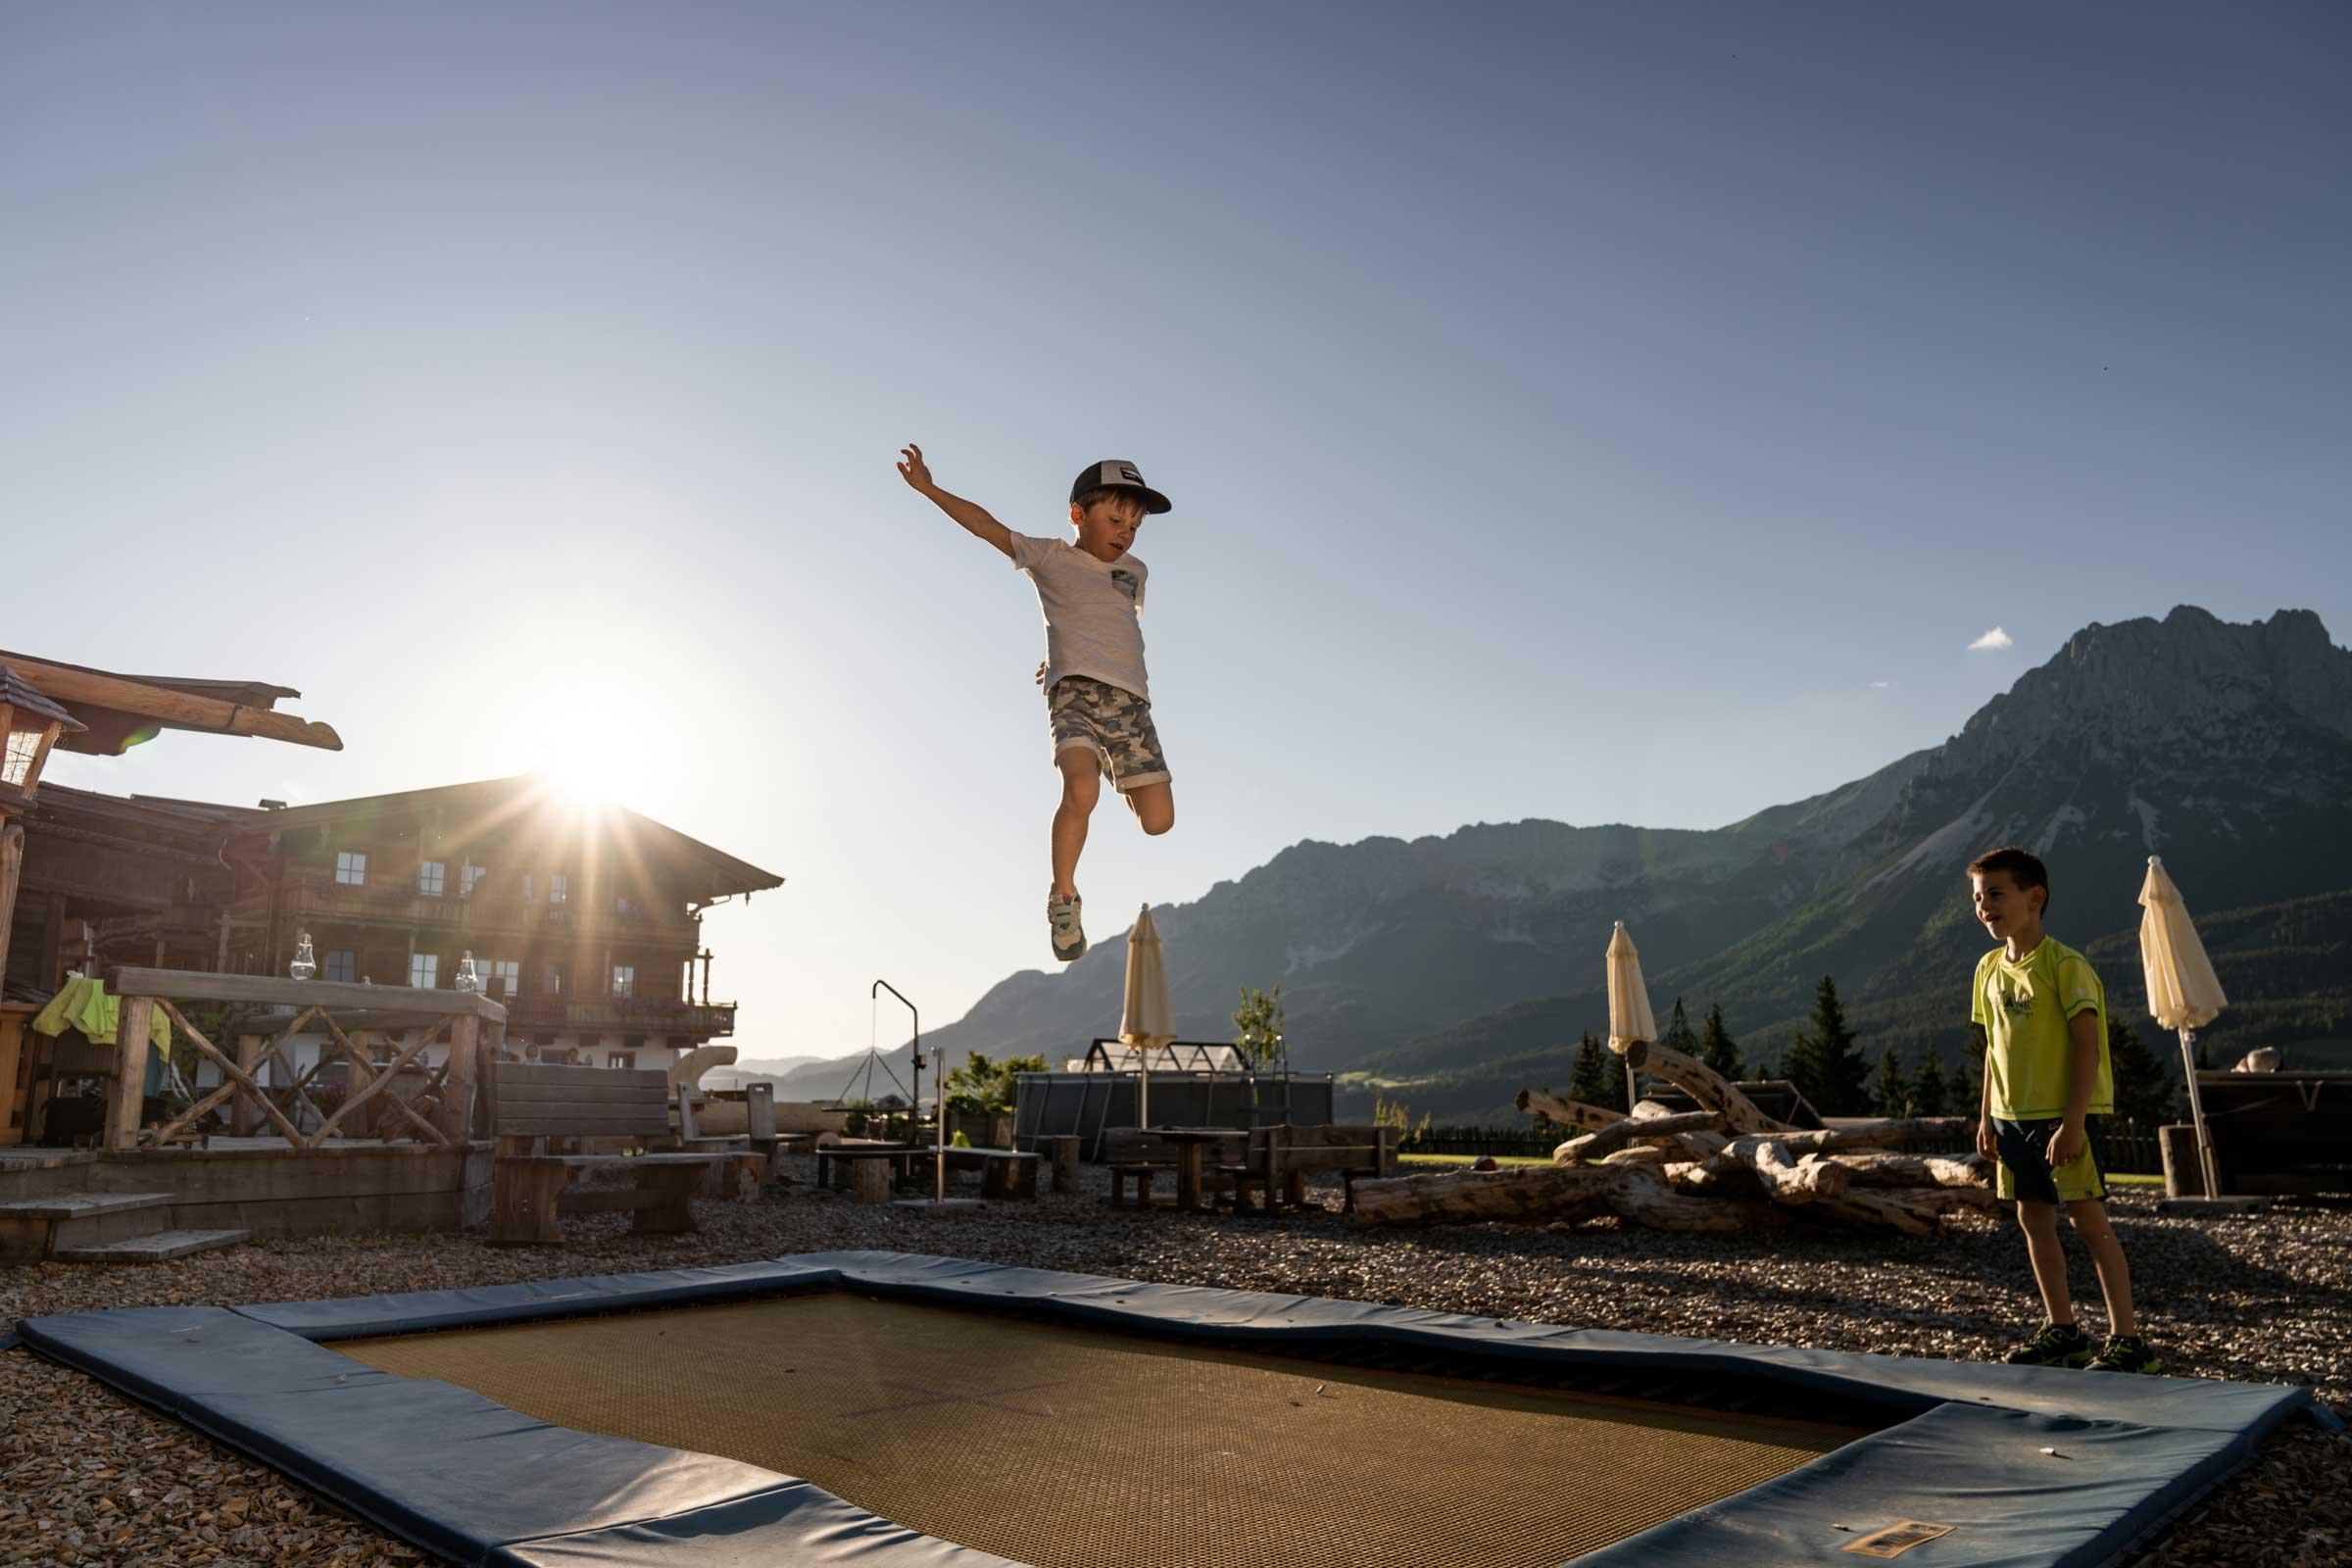 Ein Junge springt am Trampolin des Naschberghofes.